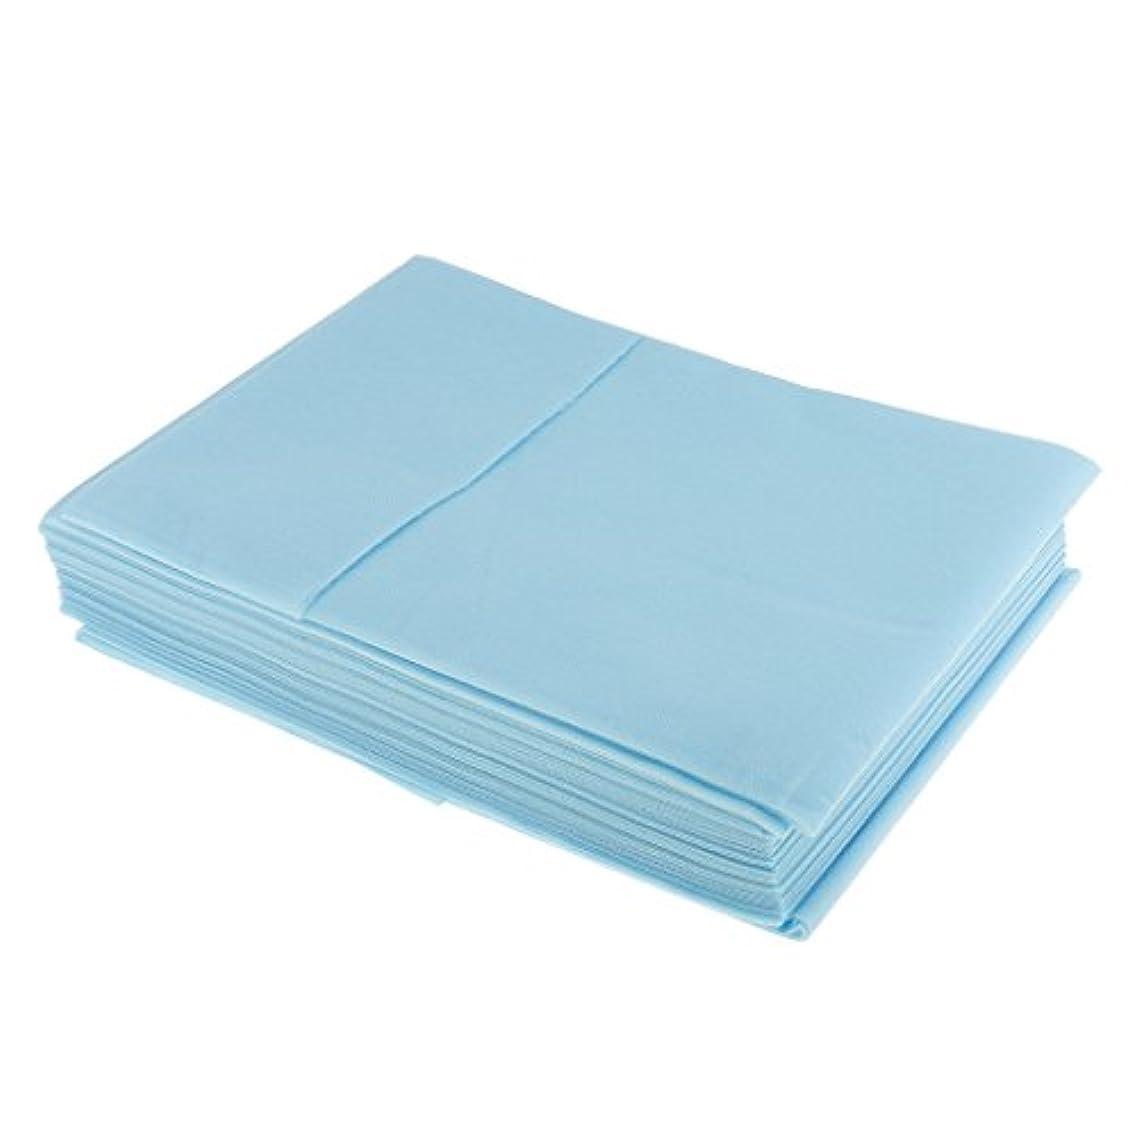 Perfk 10枚入り 使い捨て 衛生シート ベッドパッド 旅行用 美容室/マッサージ/サロン/ホテル 店舗用品 全3色選べ - 青